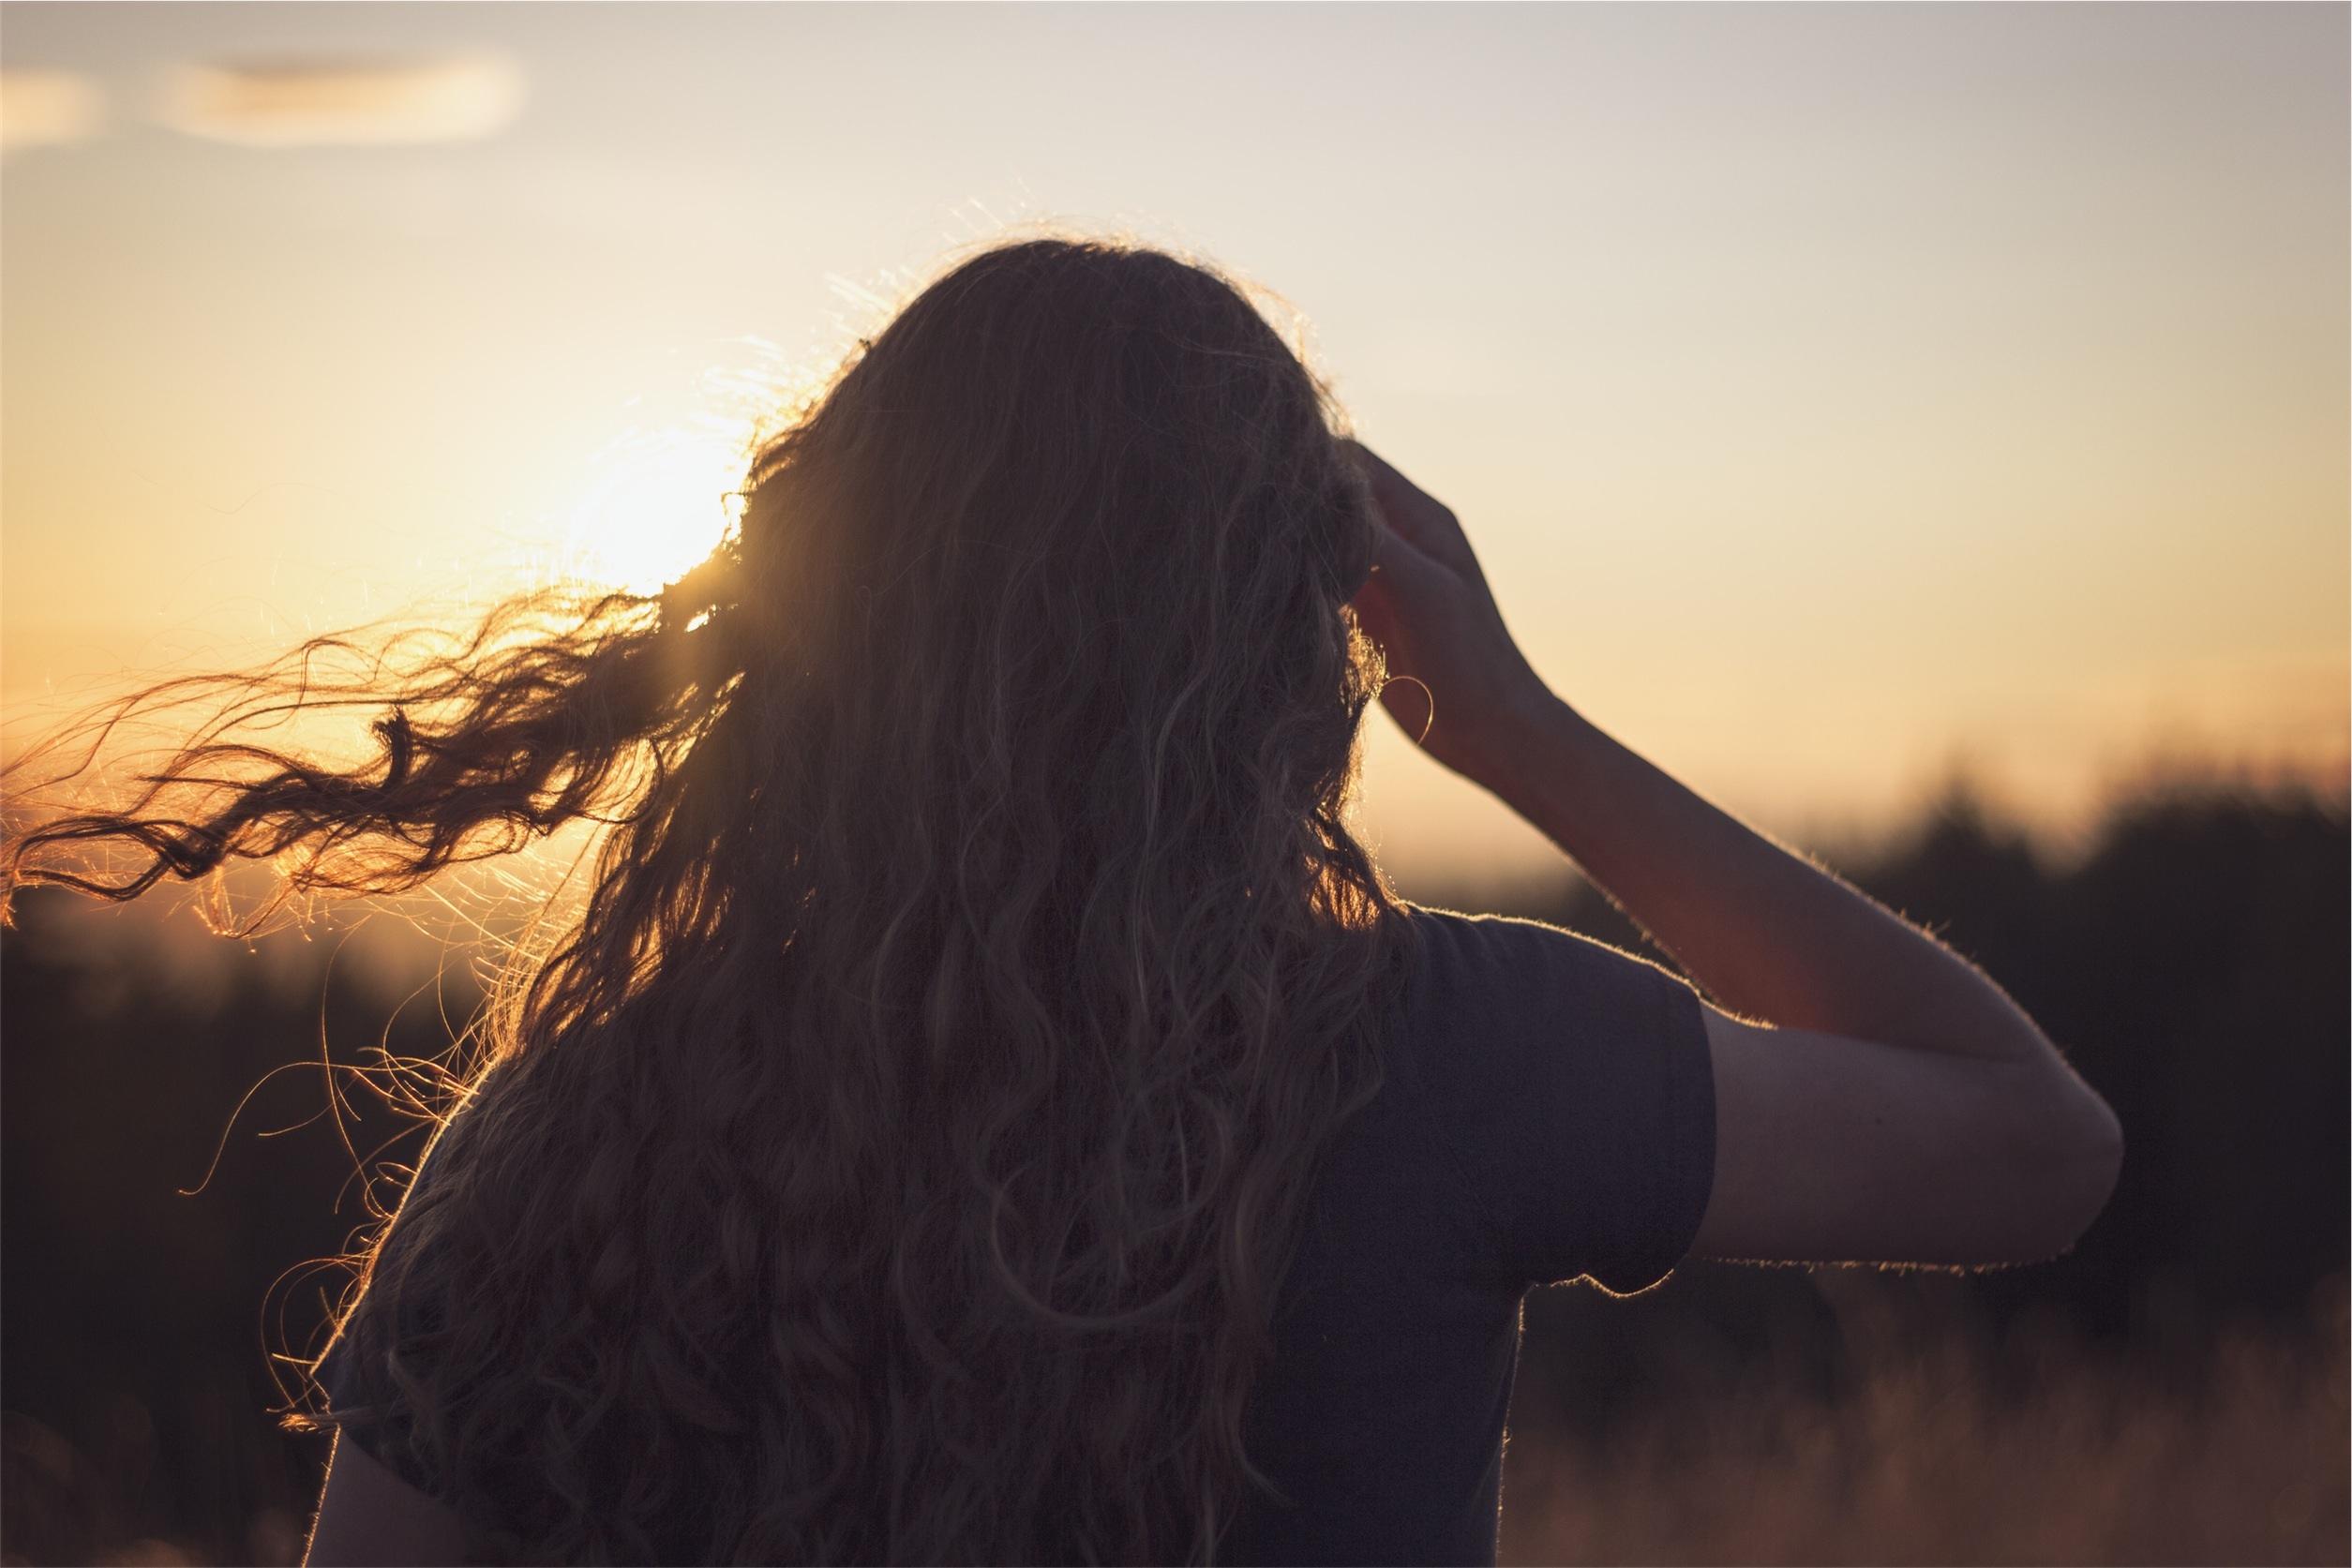 Фото девушек сзади без лица, Фото аккаунты Clash Royale ВКонтакте 16 фотография